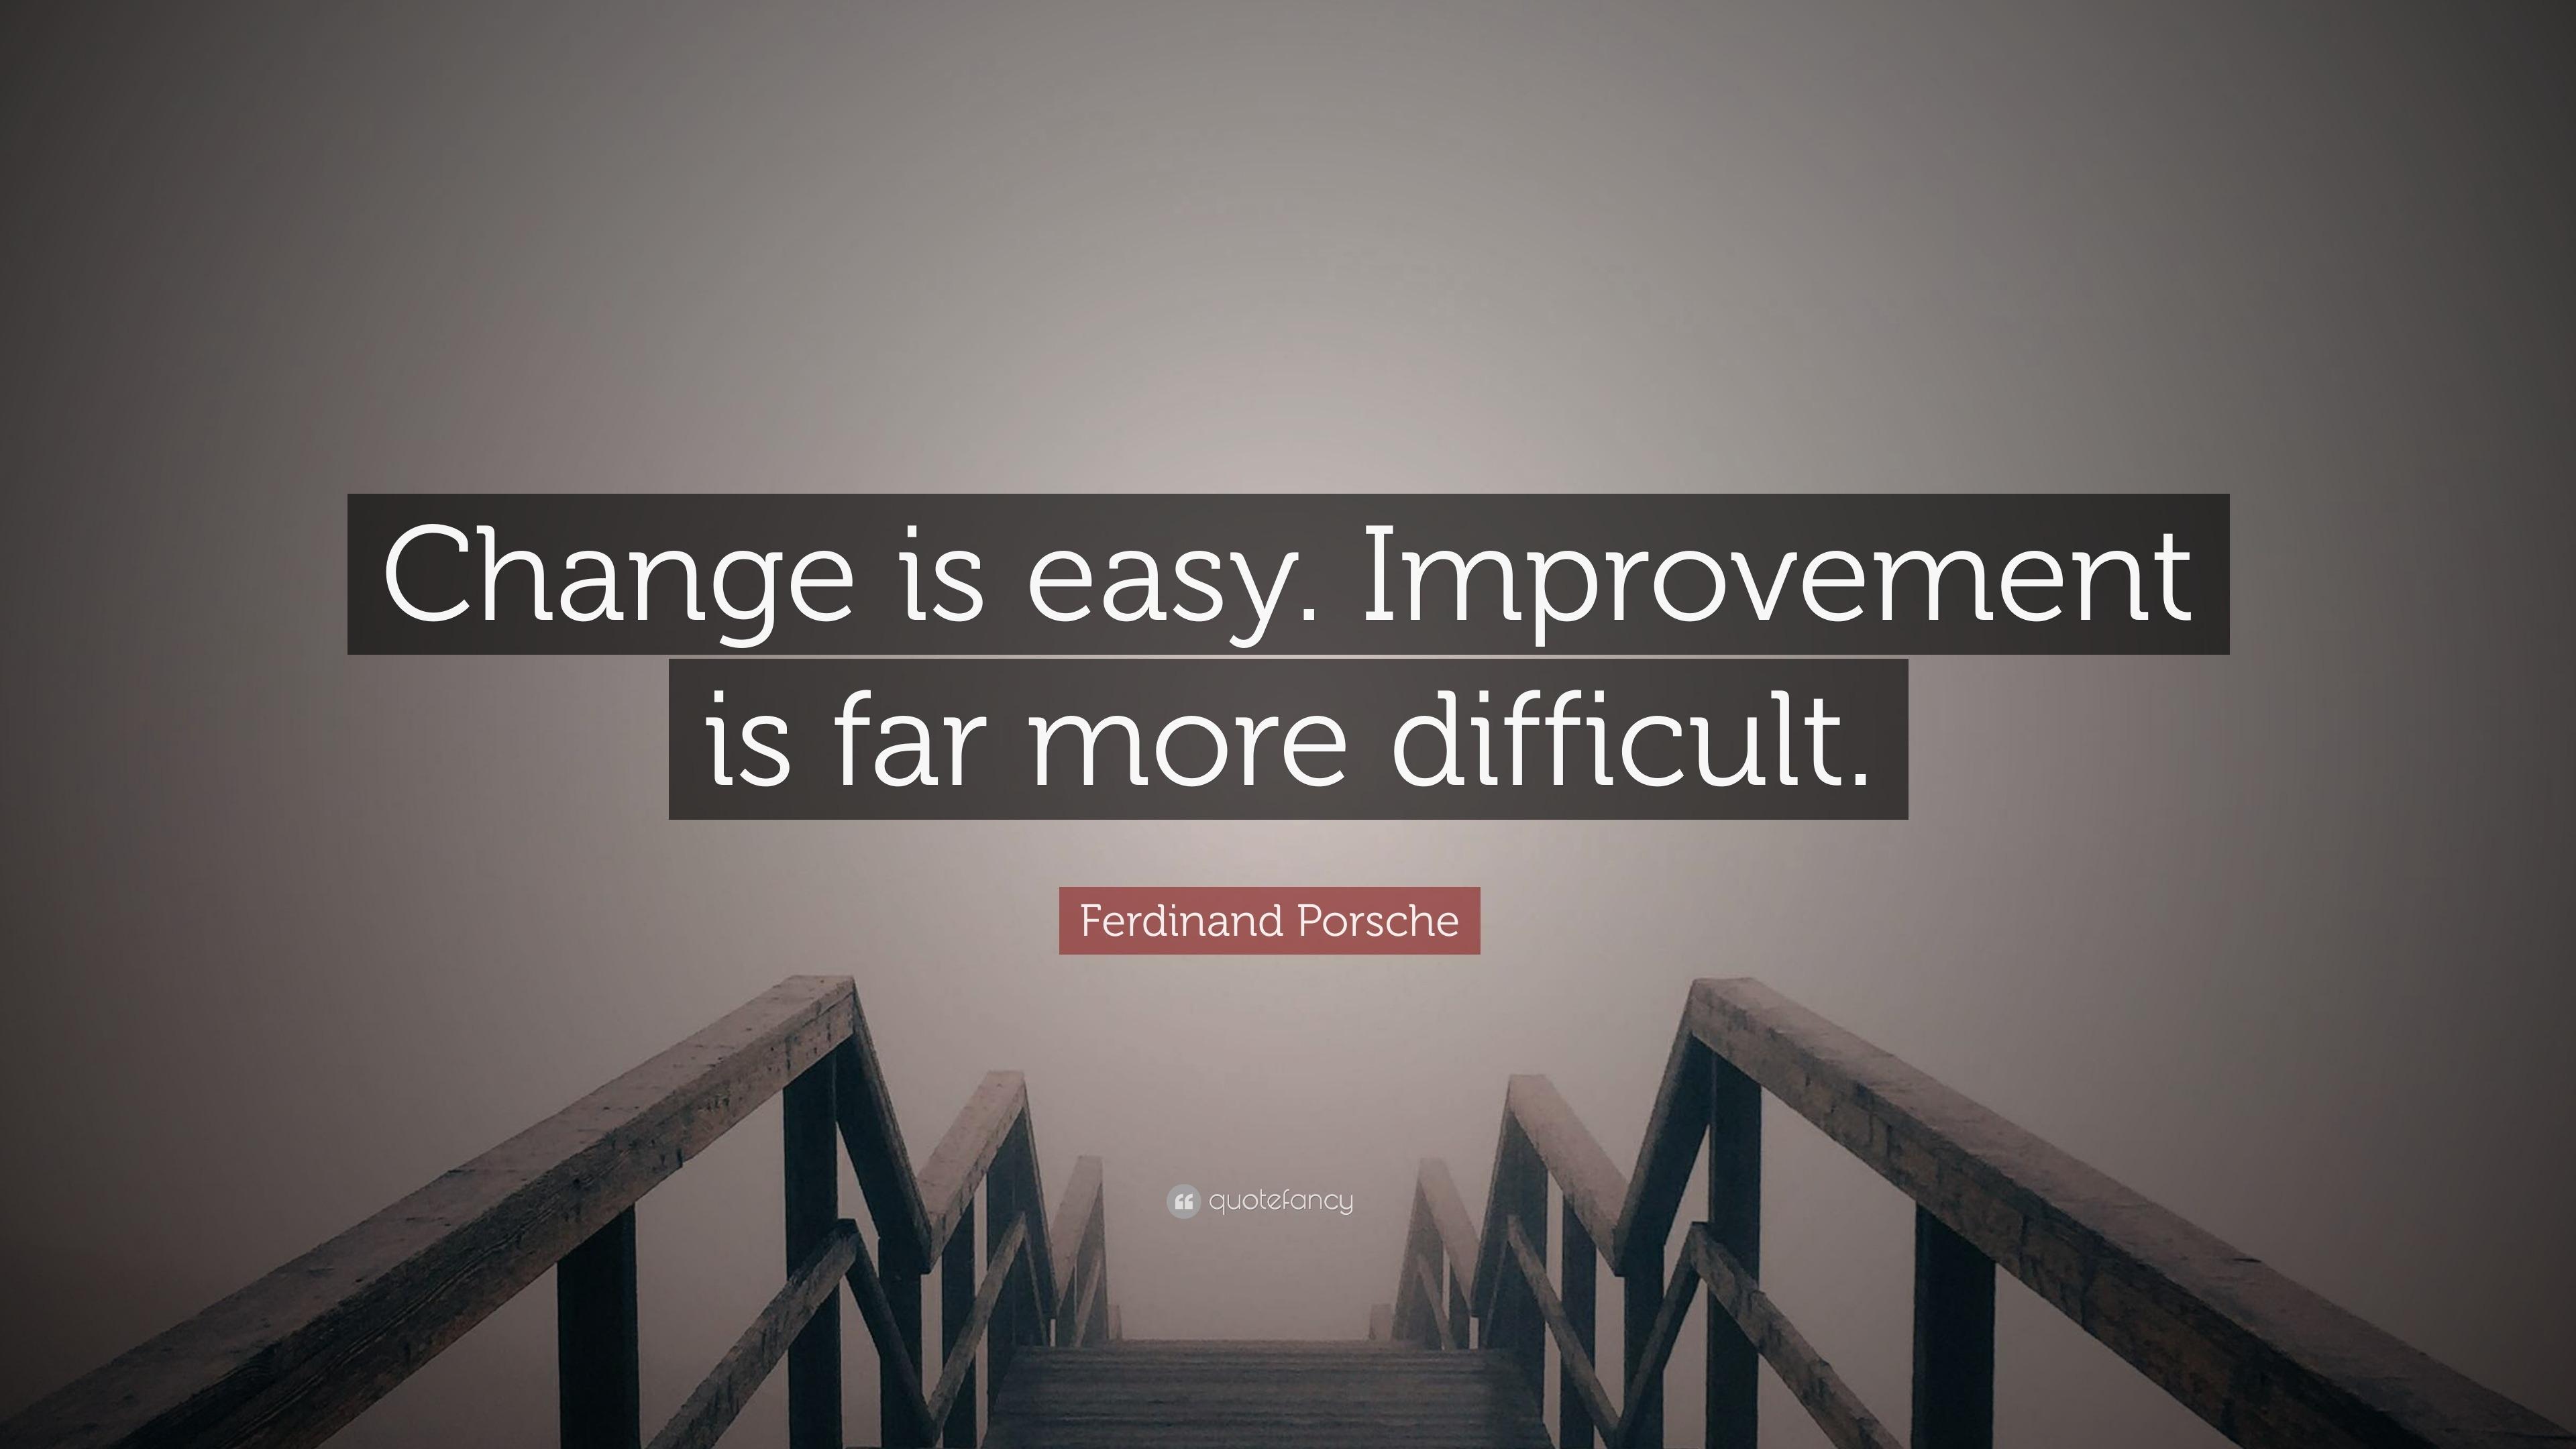 Ferdinand Porsche Quote \u201cChange is easy. Improvement is far